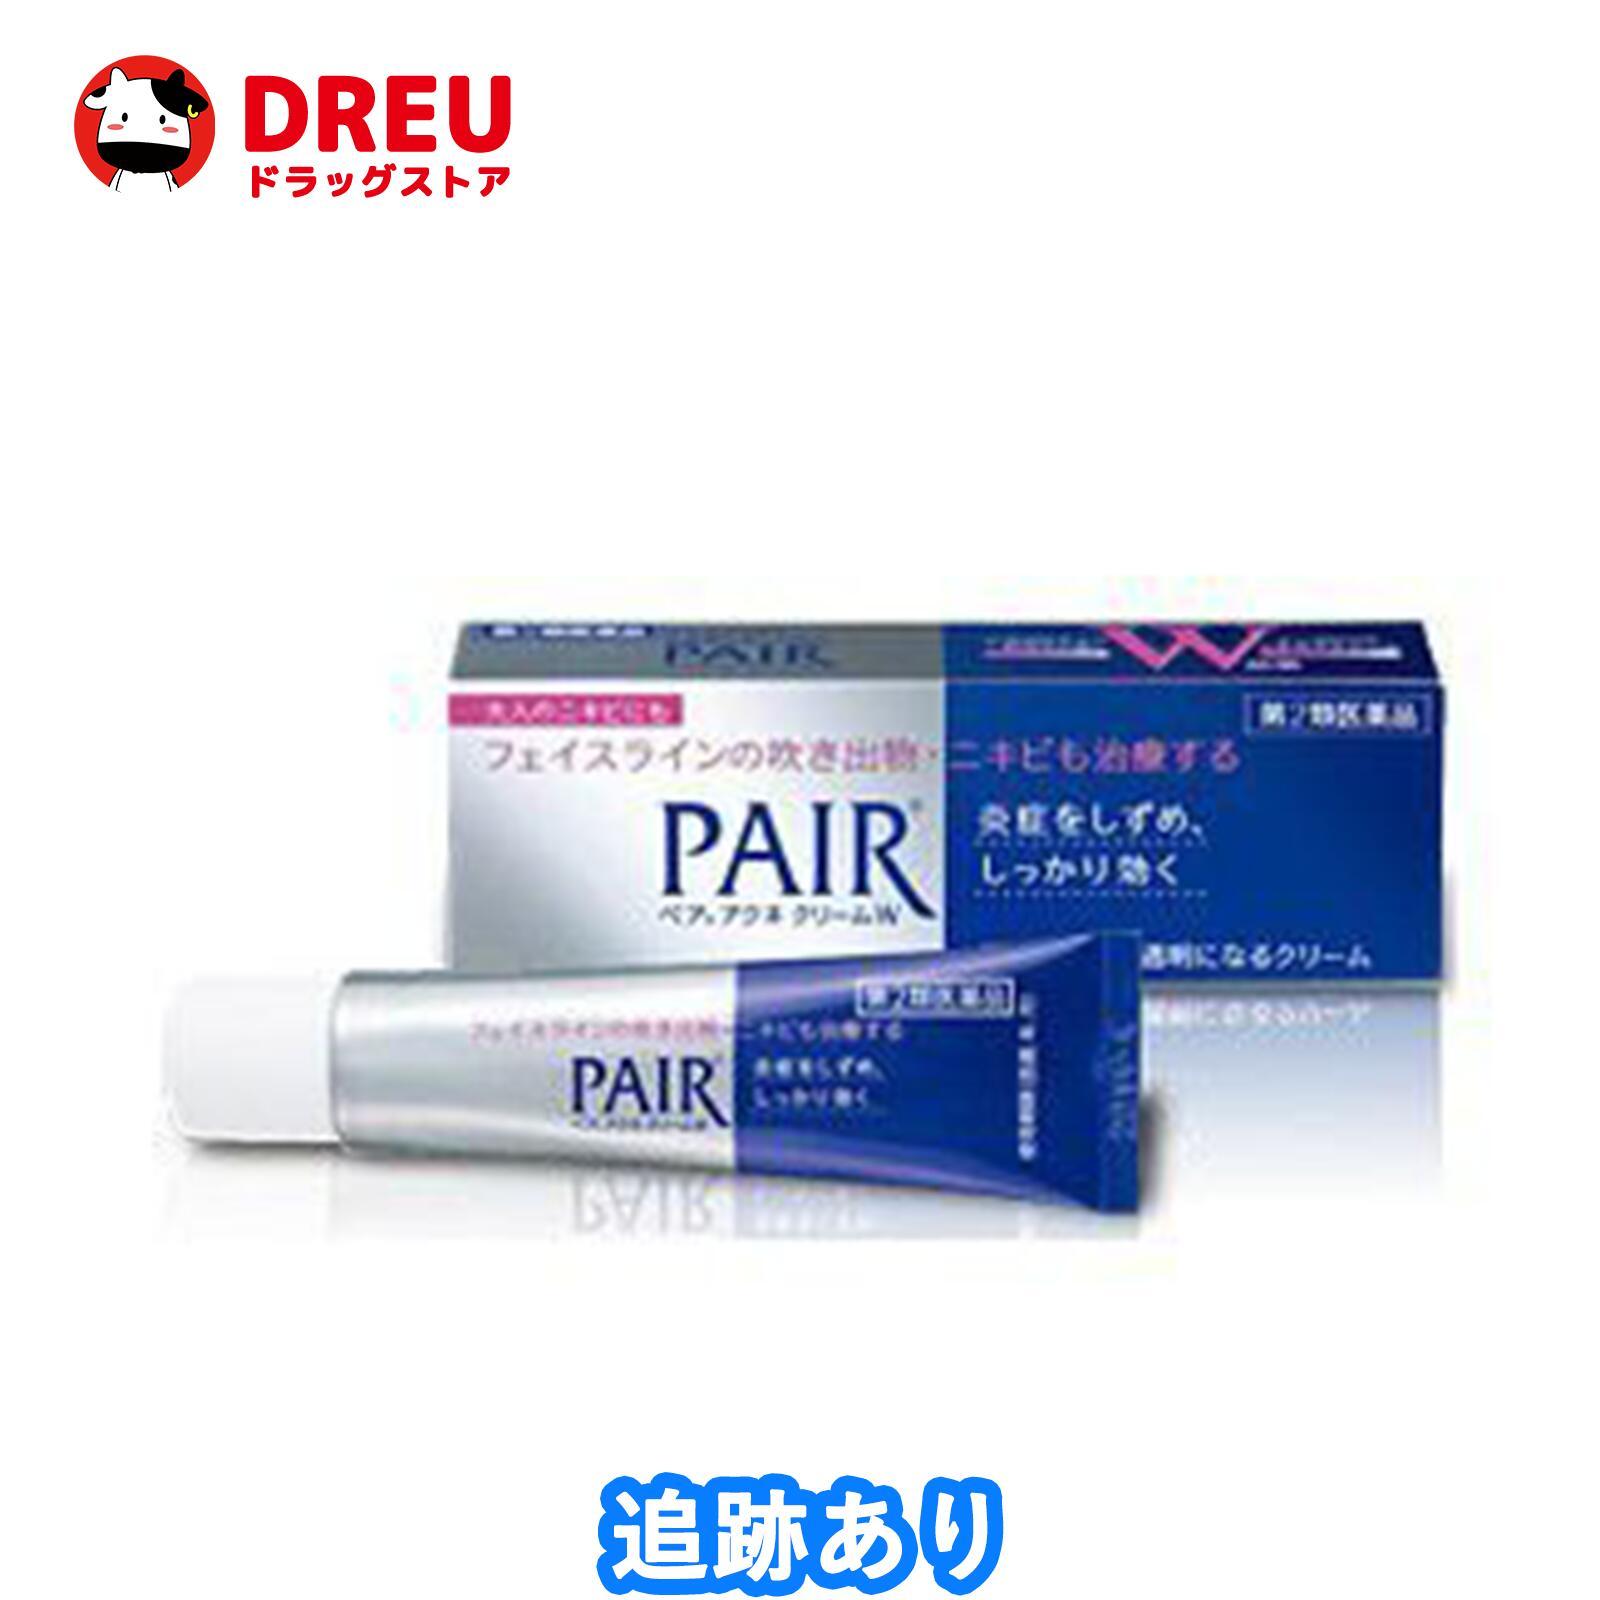 炎症や赤みのあるニキビに効く 贈答品 スーパーSALE5倍ポイント ペアアクネクリームW 24g 第2類医薬品 日本限定